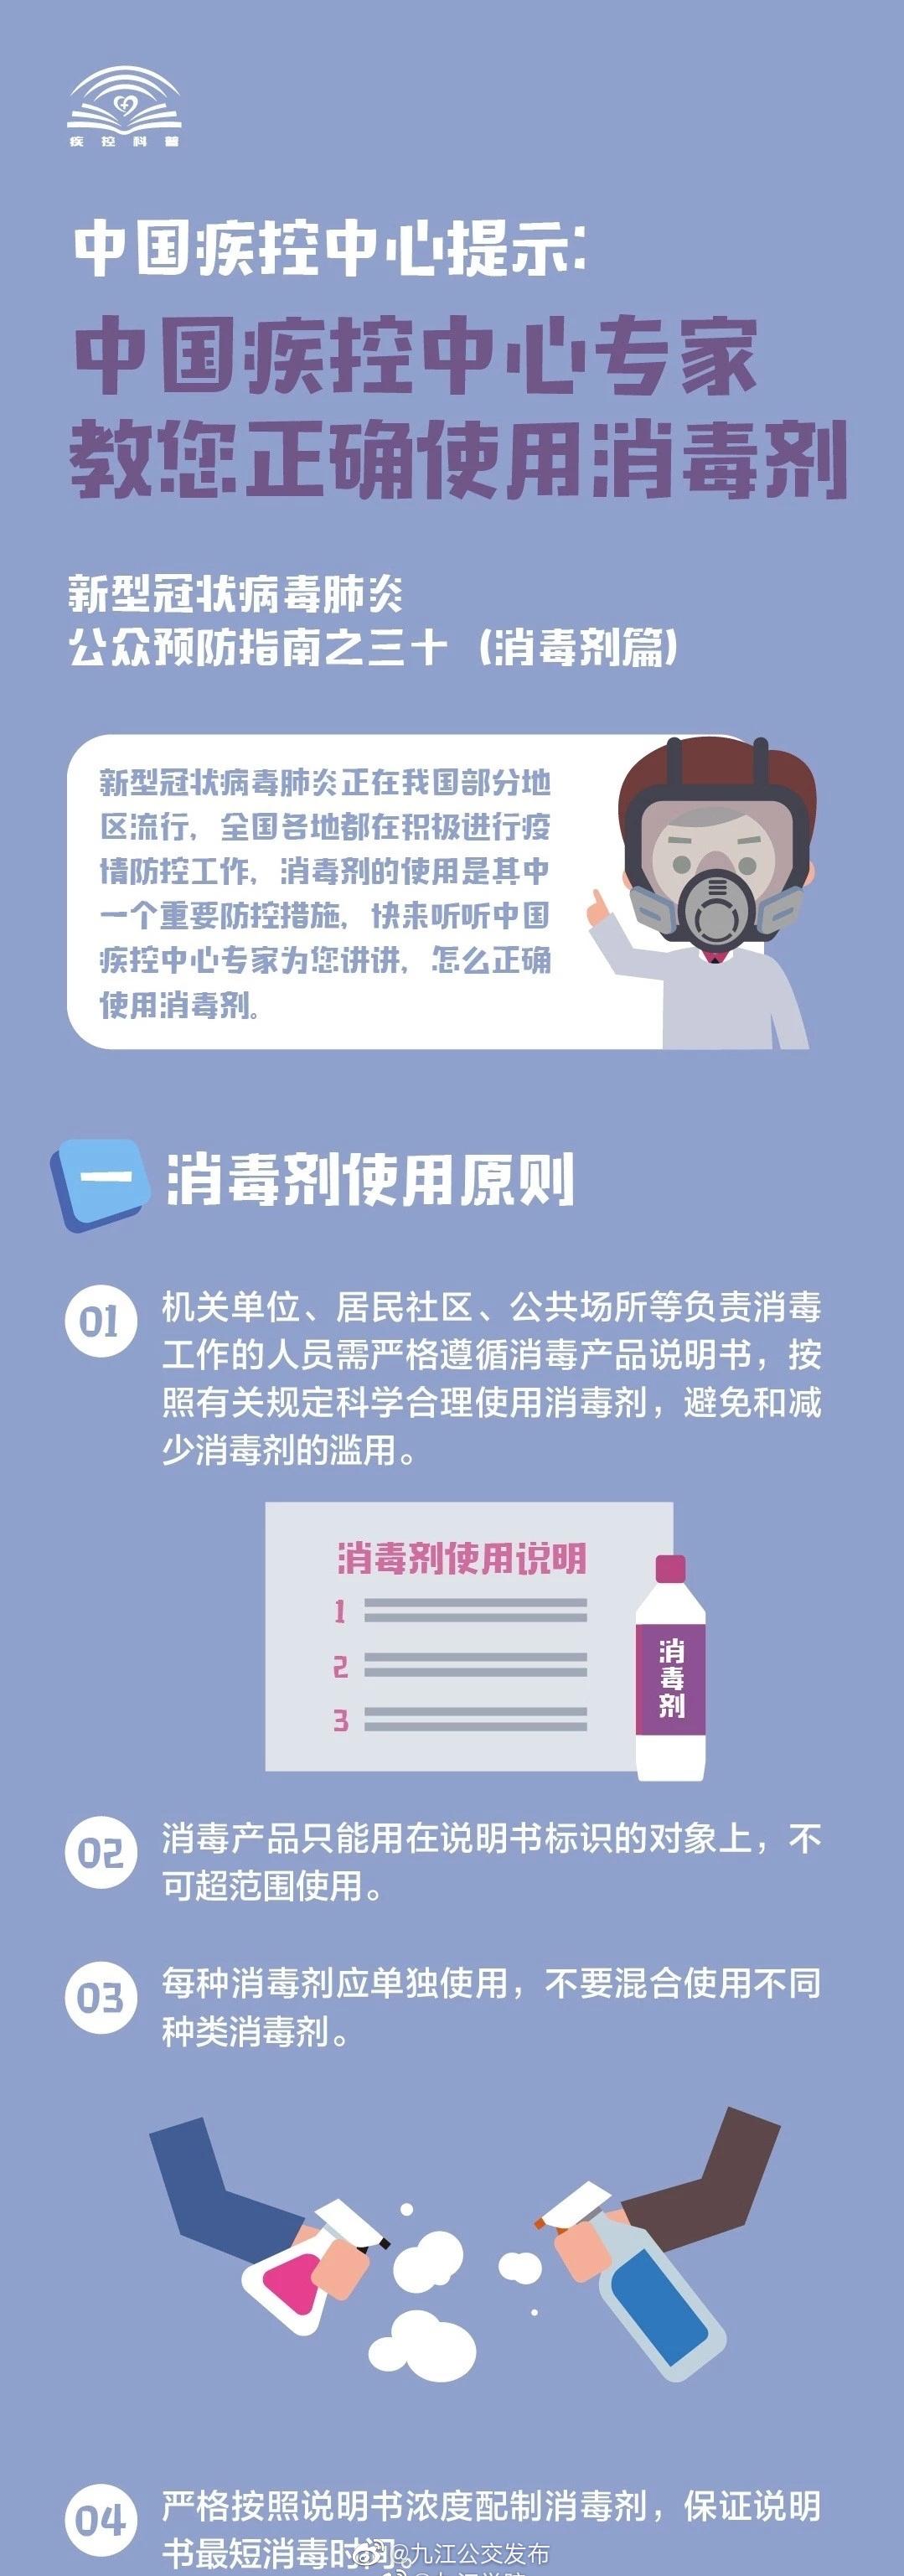 中国疾控中心专家教你如何正确使用消毒剂图片来源:中国疾控中心